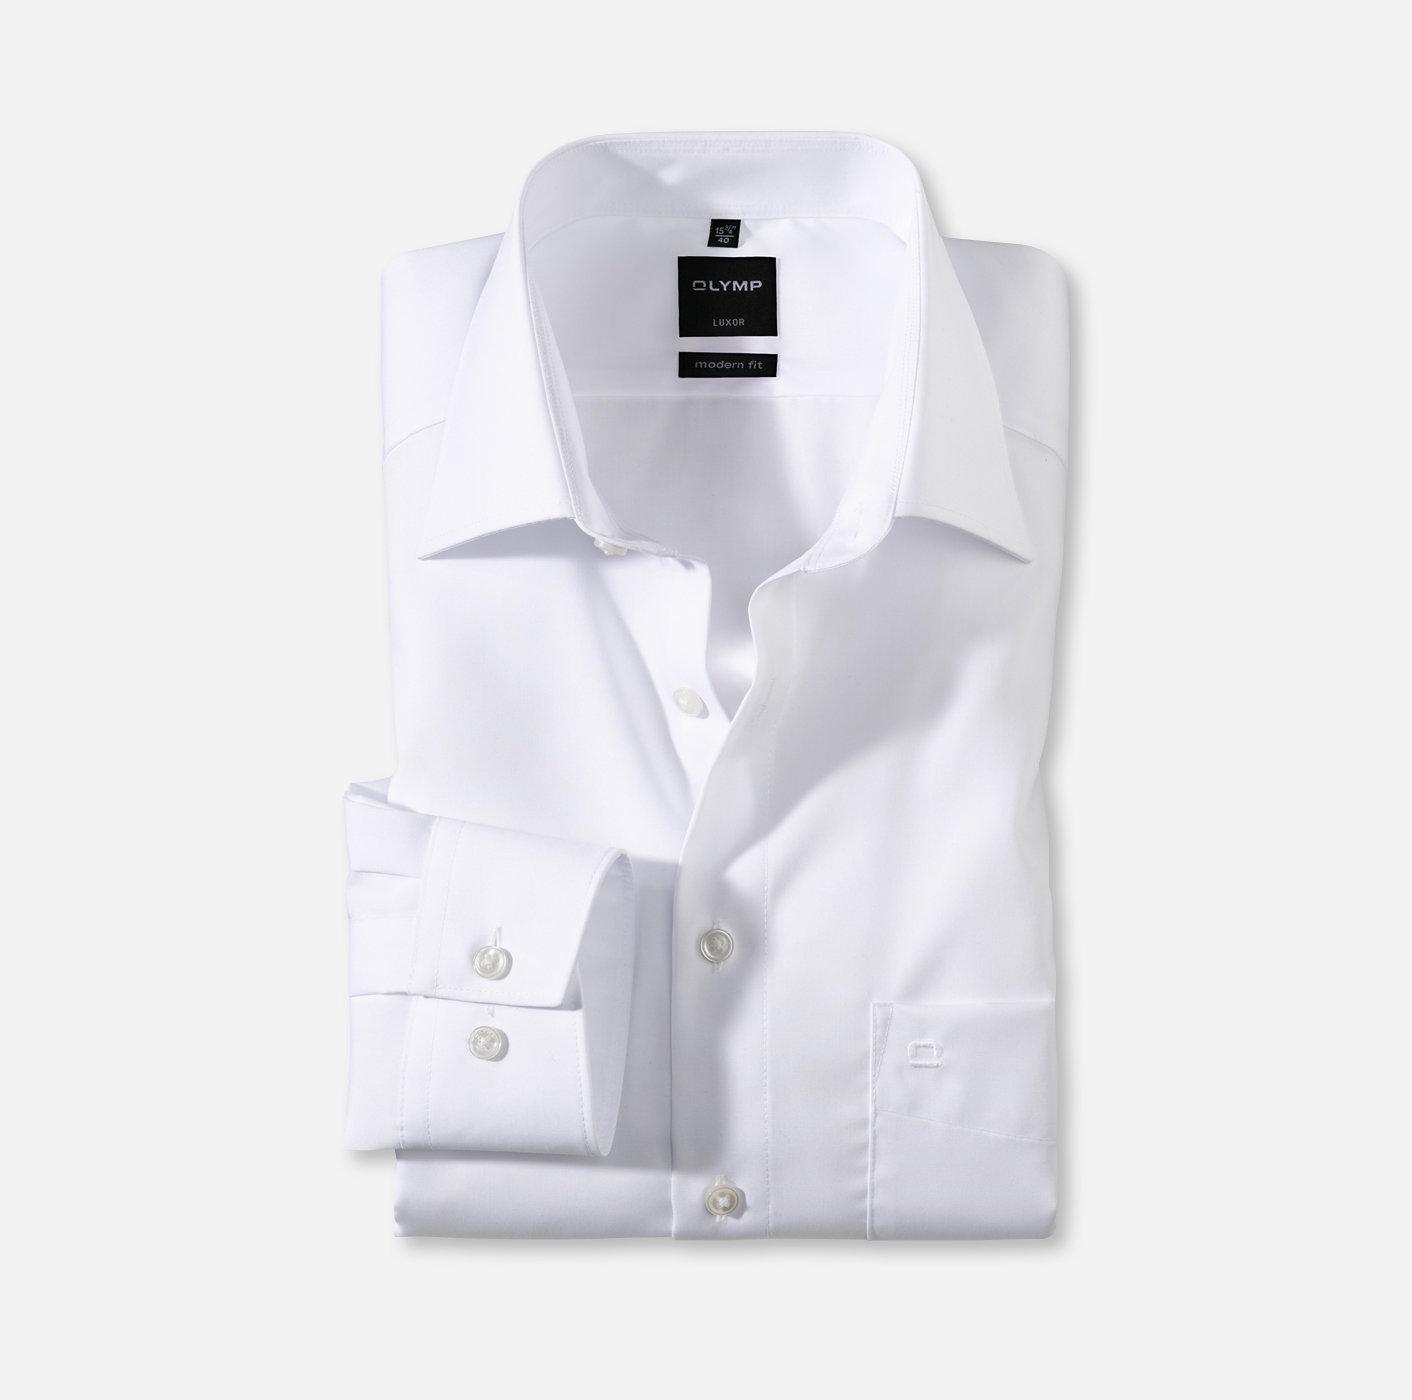 """Oberhemd """"Luxor"""", 1/1 Arm, modern fit, extra langer Arm, weiß"""